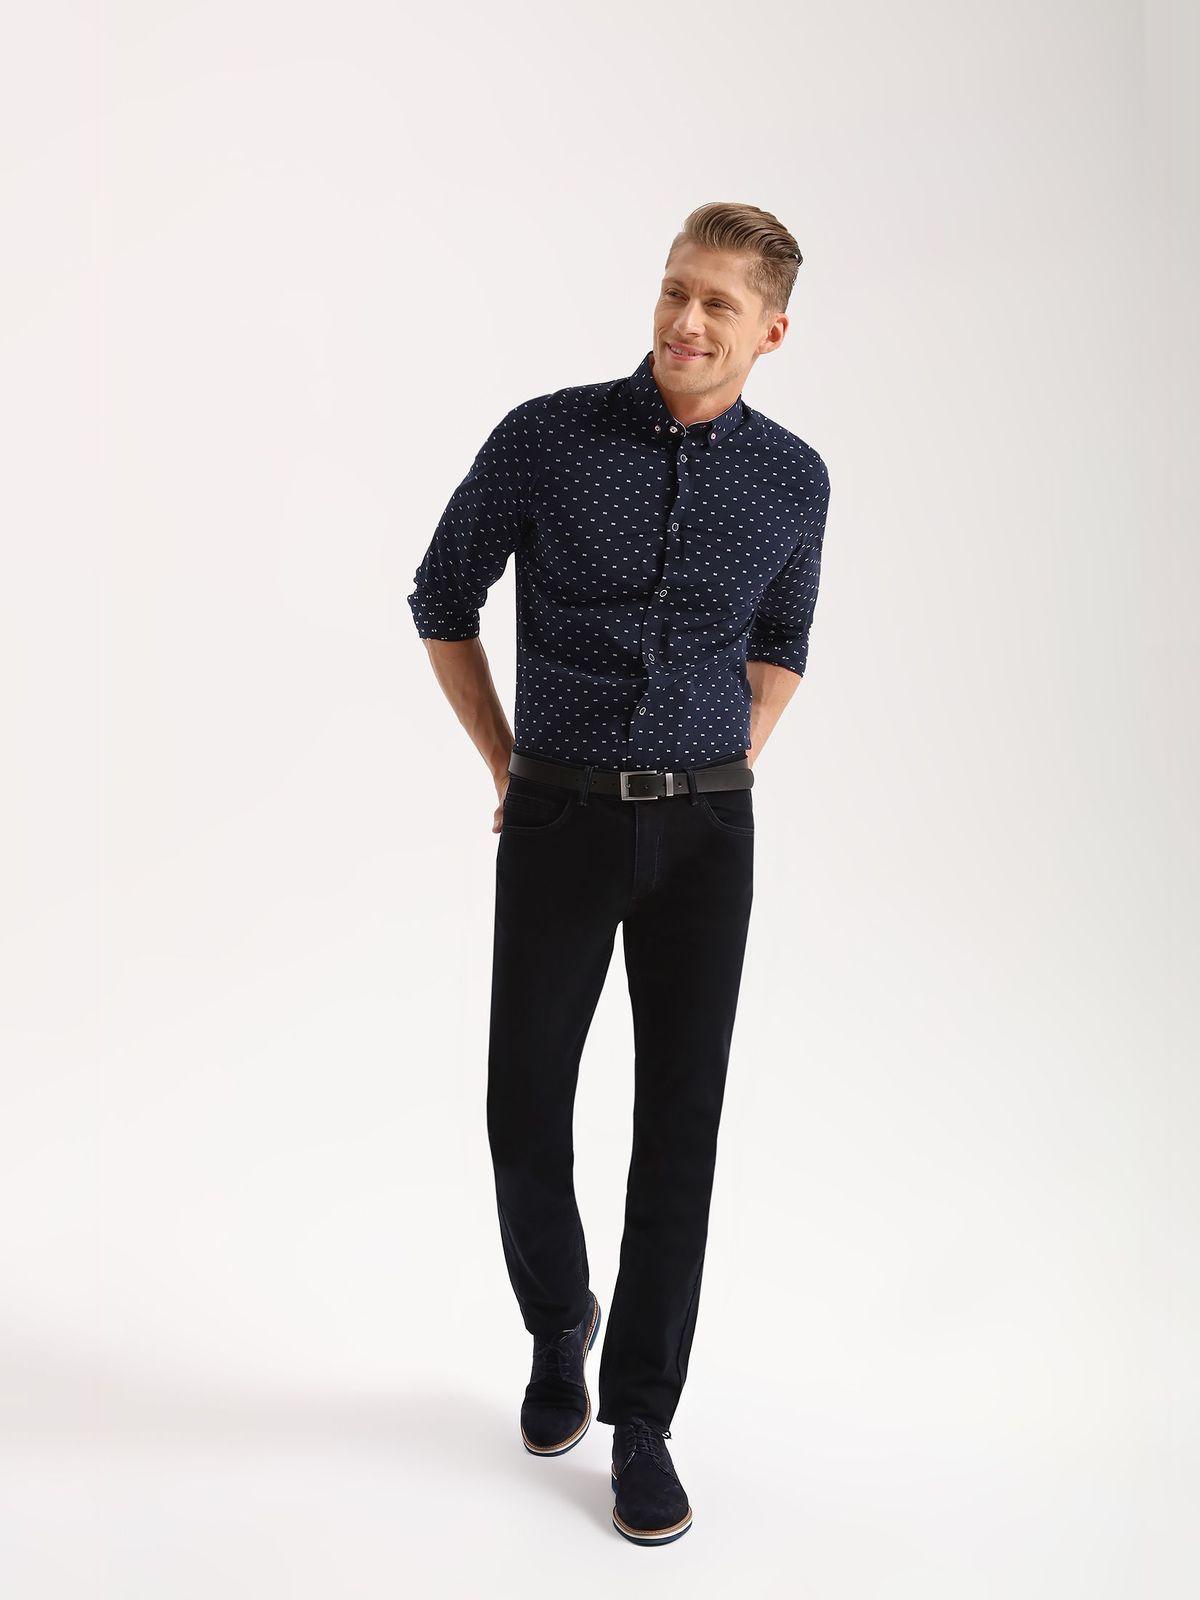 cb4707d830bce Eleganckie koszule męskie, wygodne bawełniane koszule na co dzień, koszule slim  fit - Atrakcyjne